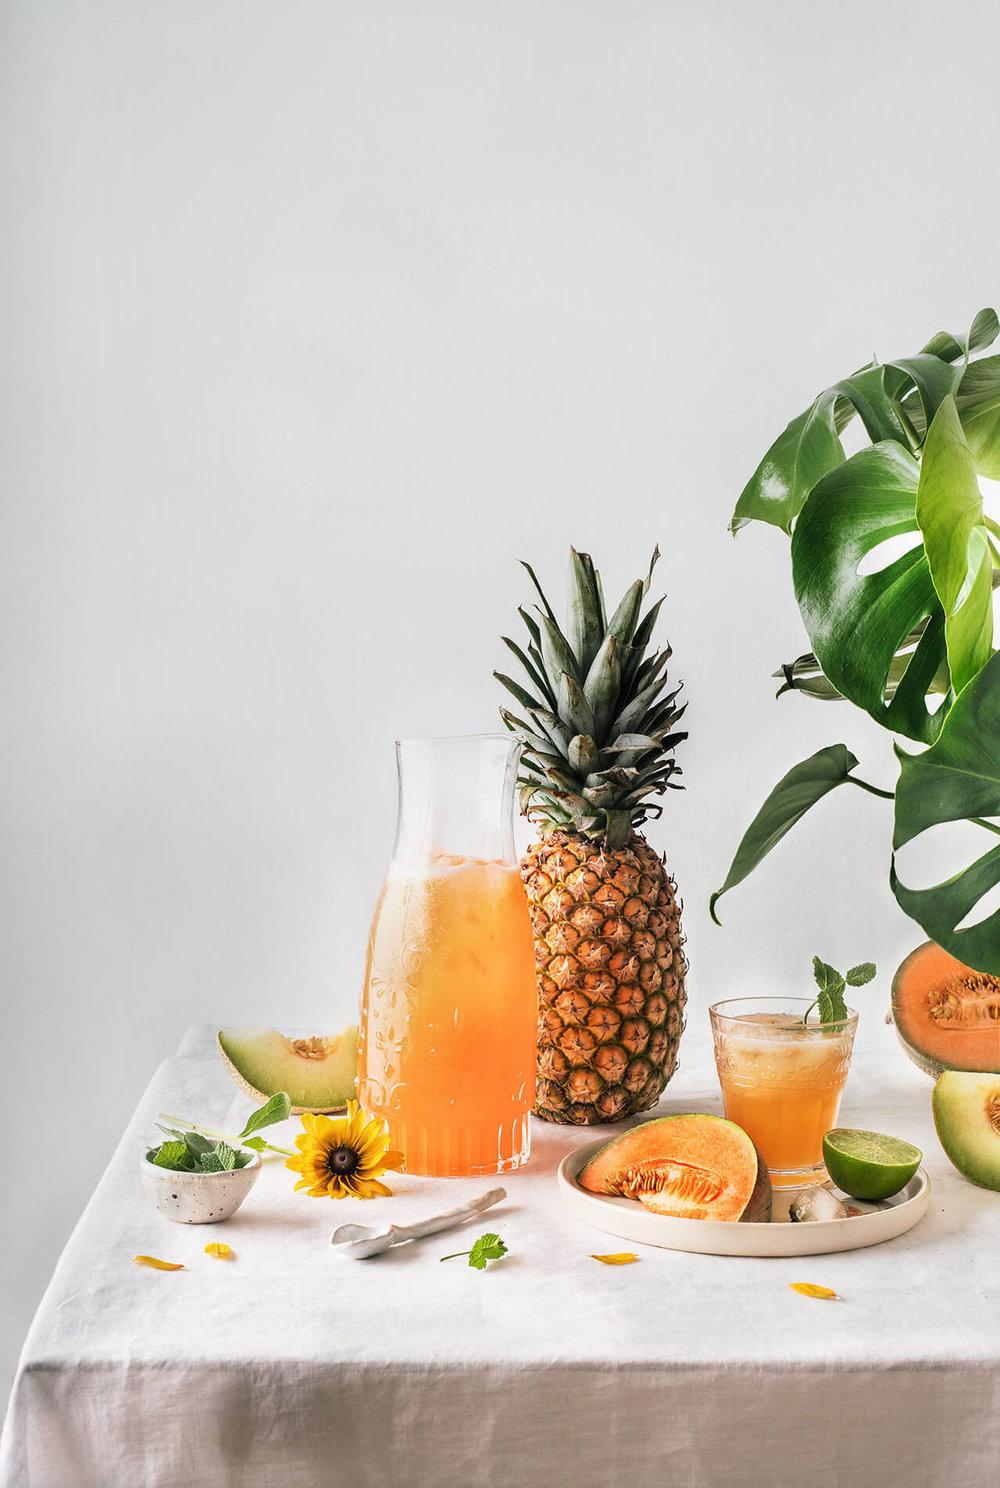 melon-piña-zumo.jpg